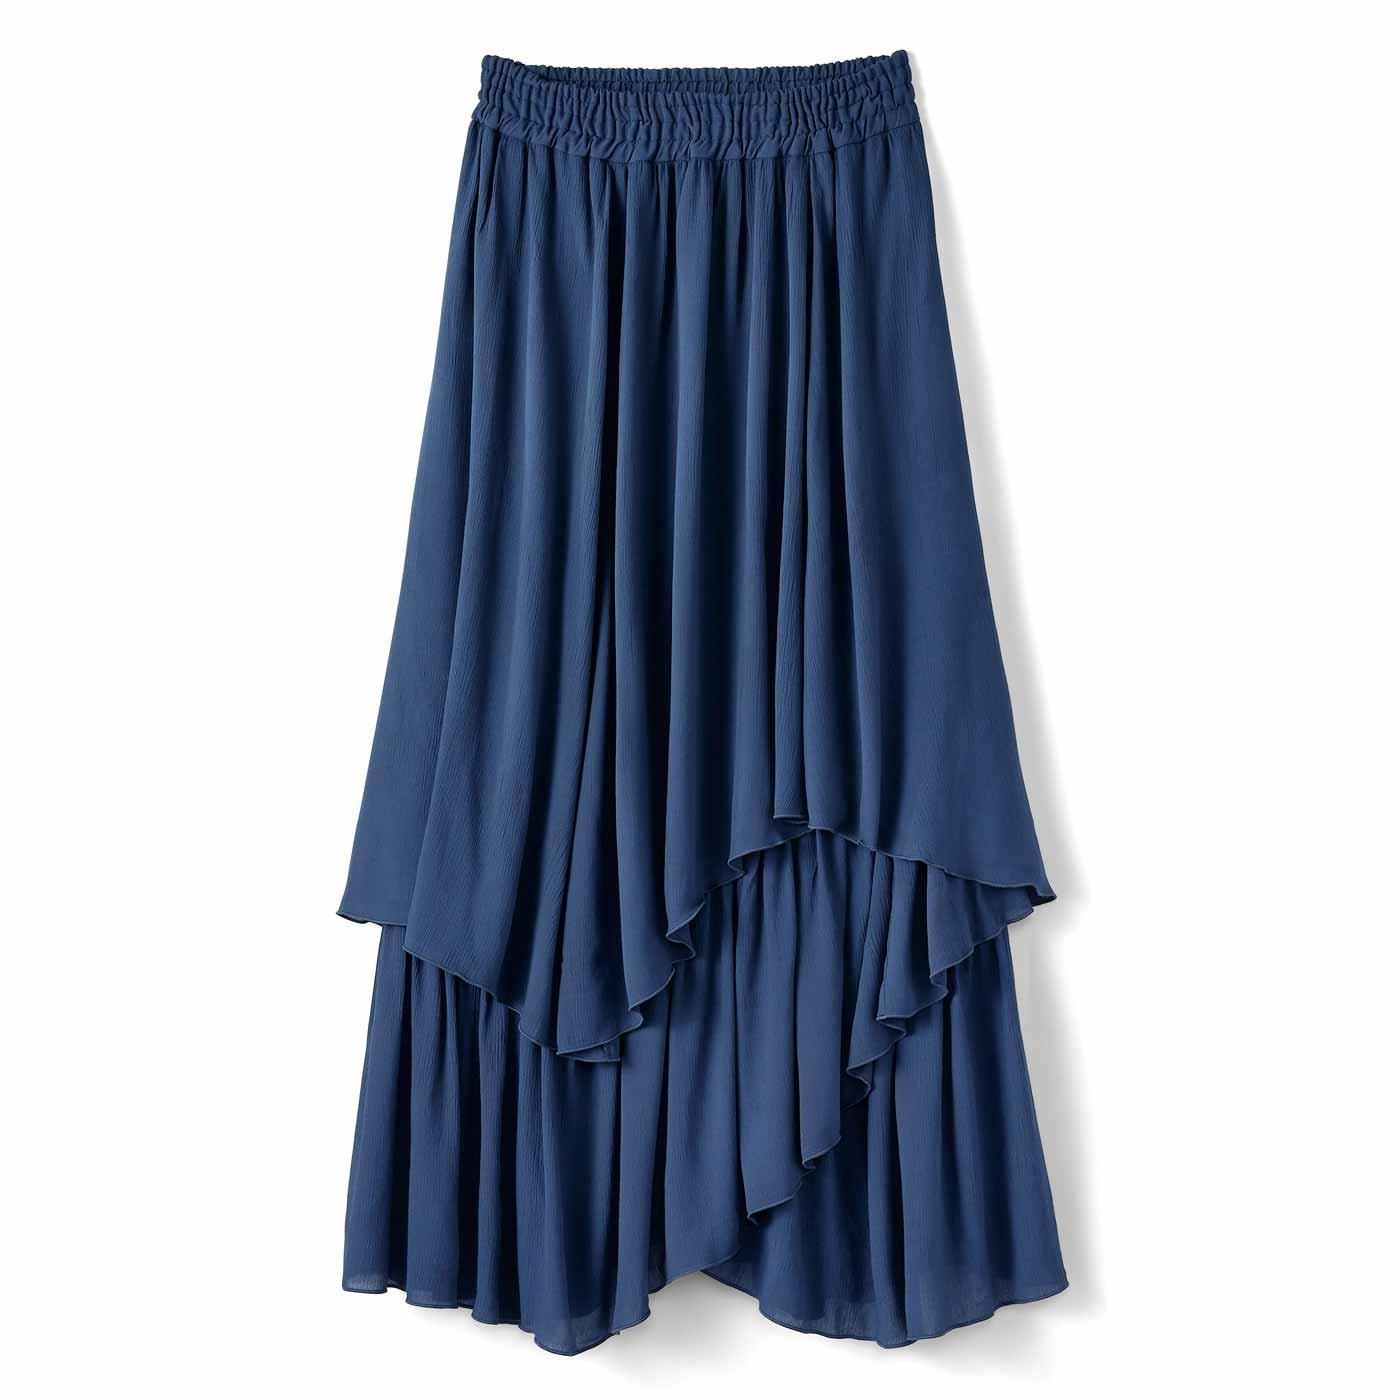 【3~10日でお届け】IEDIT[イディット] ふわりと軽やかな楊柳(ようりゅう)ティアードイレギュラーヘムスカート〈ネイビー〉